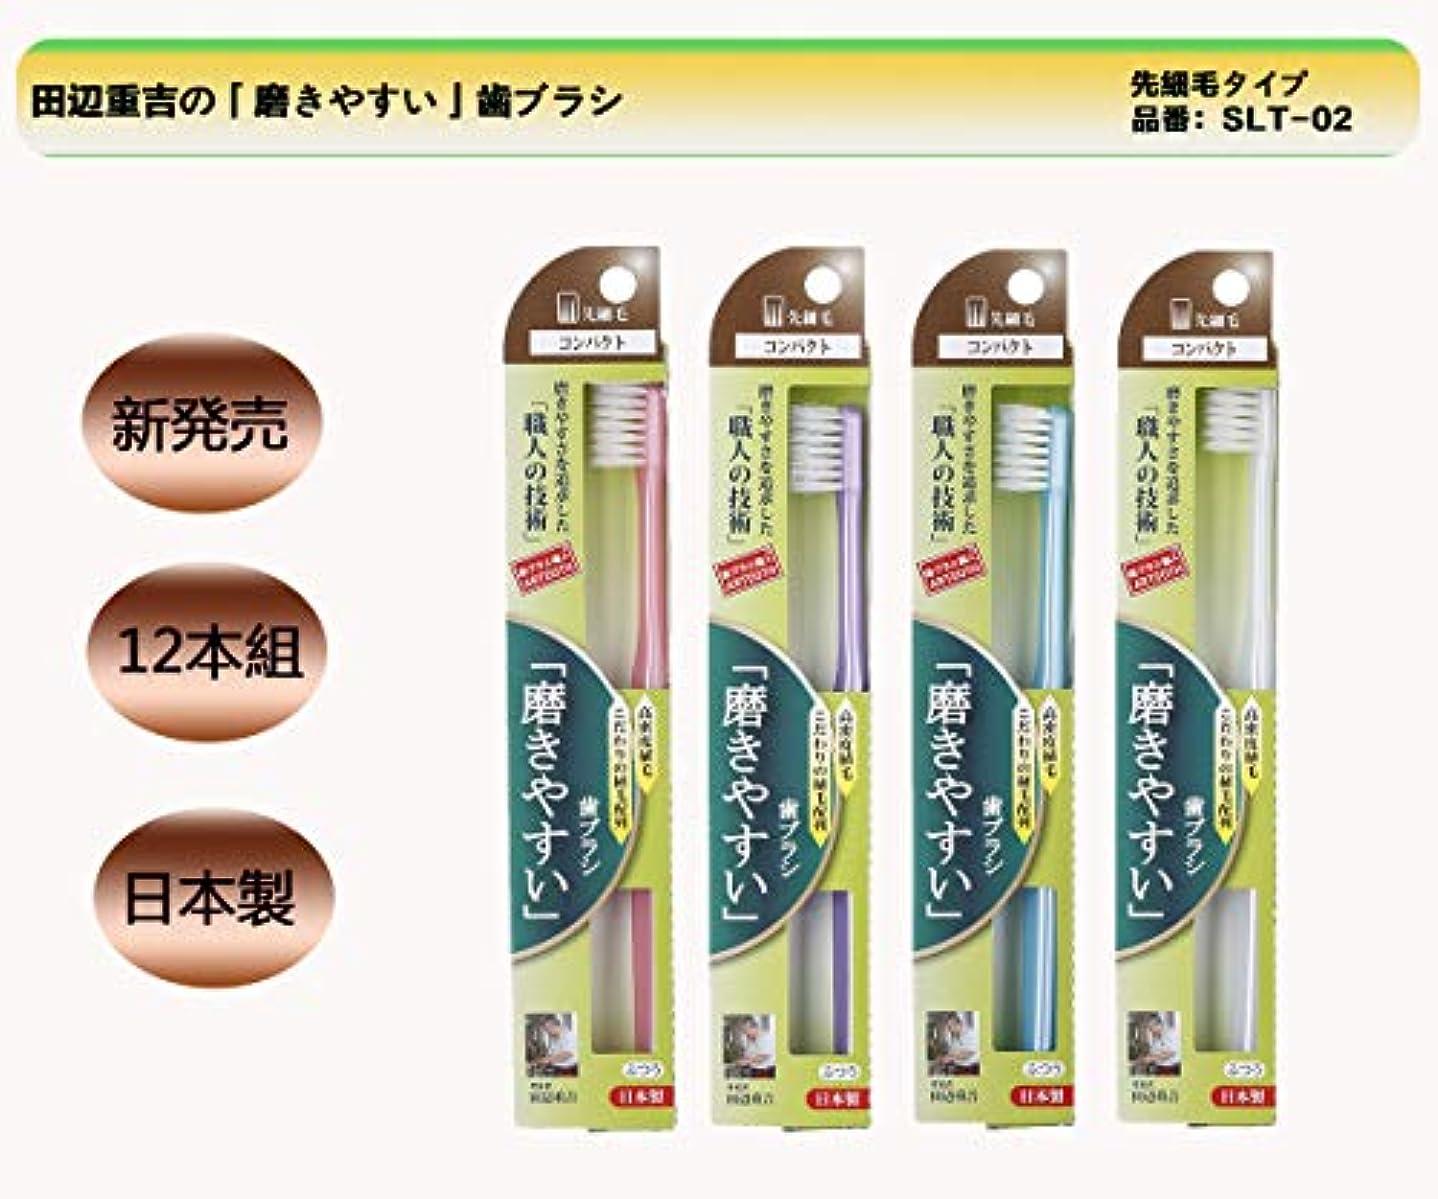 一節米ドルではごきげんよう歯ブラシ職人 Artooth® 田辺重吉  日本製 磨きやすい歯ブラシ 奥歯まで先細毛SLT-02 (12本入)